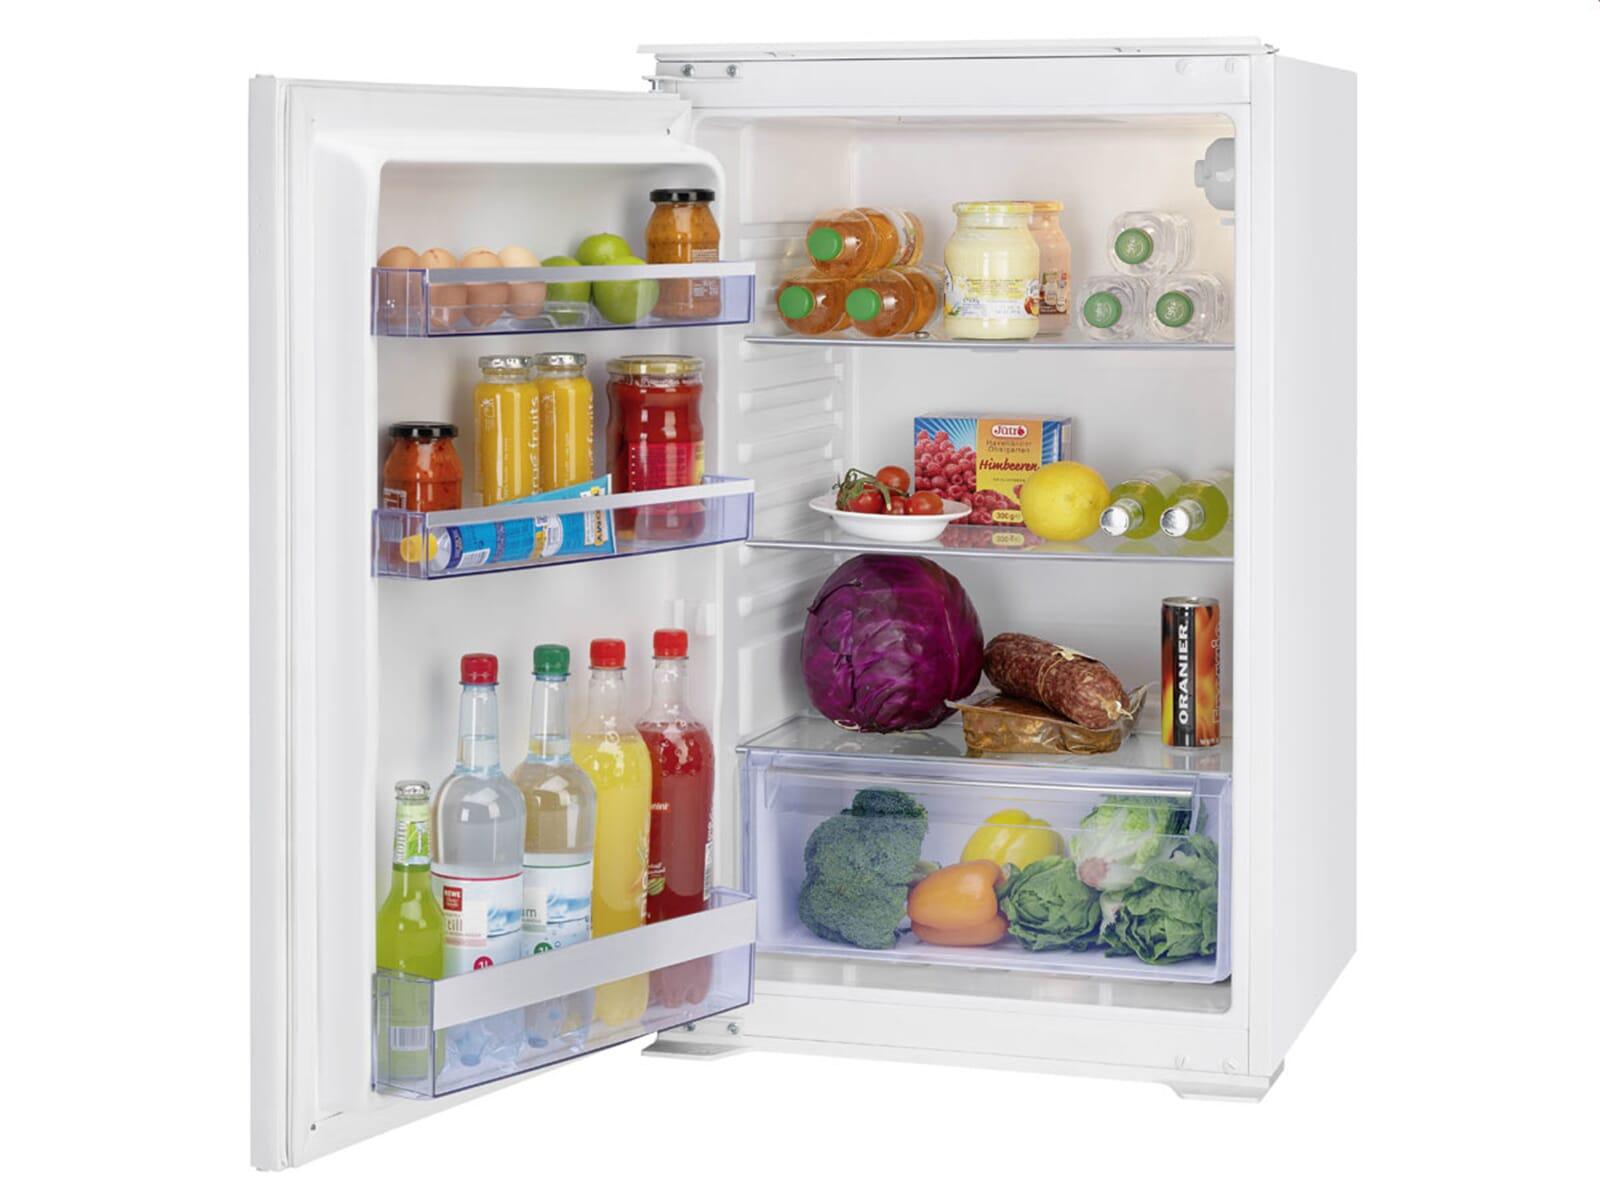 Amica Kühlschrank Gebrauchsanweisung : Amica evks testberichte